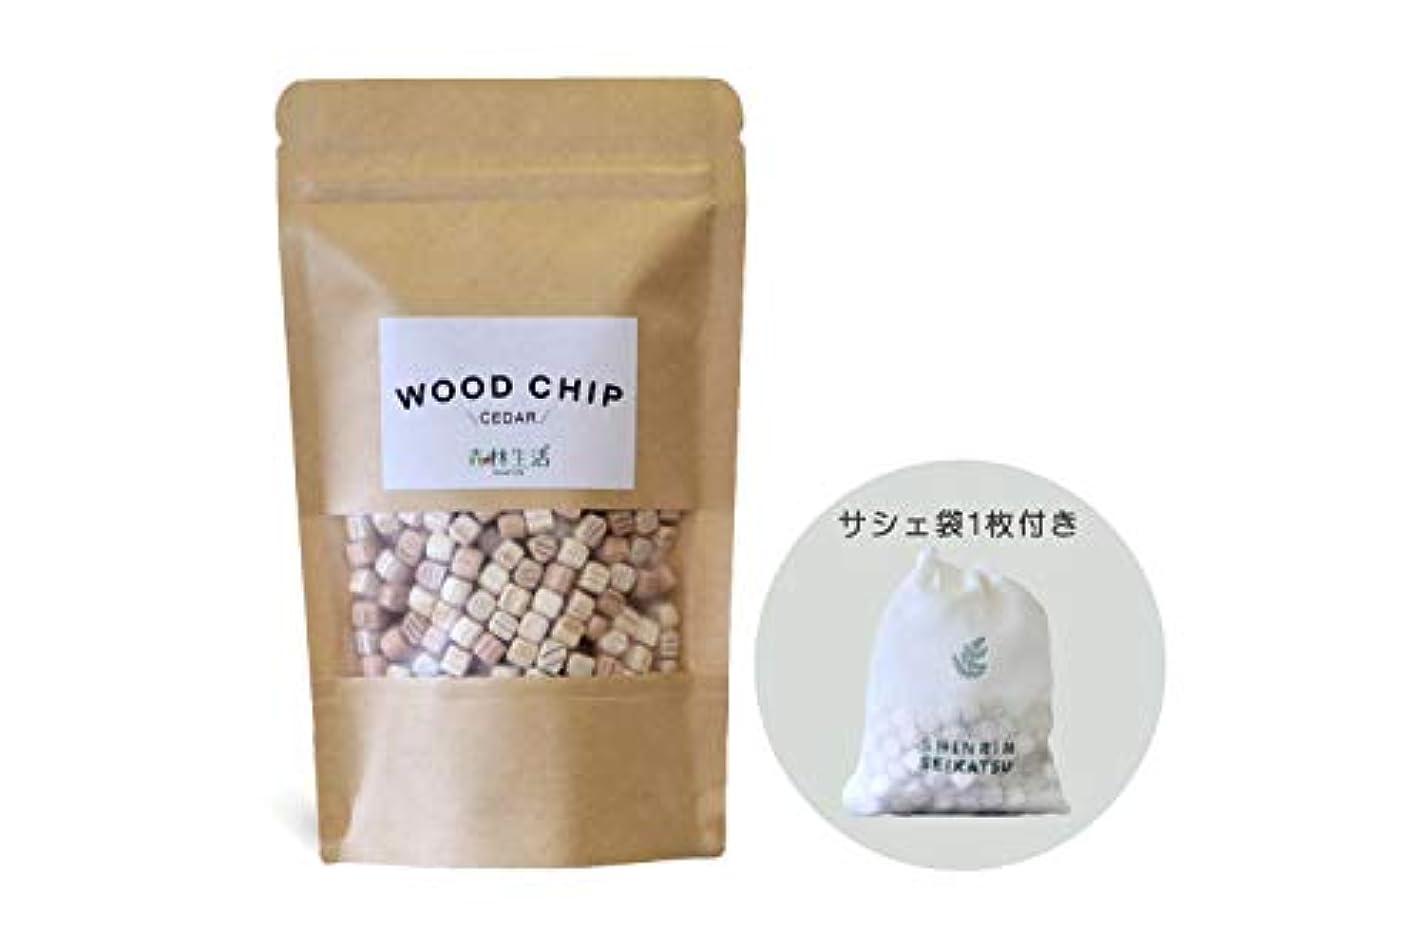 対解明ローズウッドチップ(WOOD CHIP) 5樹種【サシェ袋1枚付】200ml アロマ インテリア 除湿 ガーデニングなどに (杉)